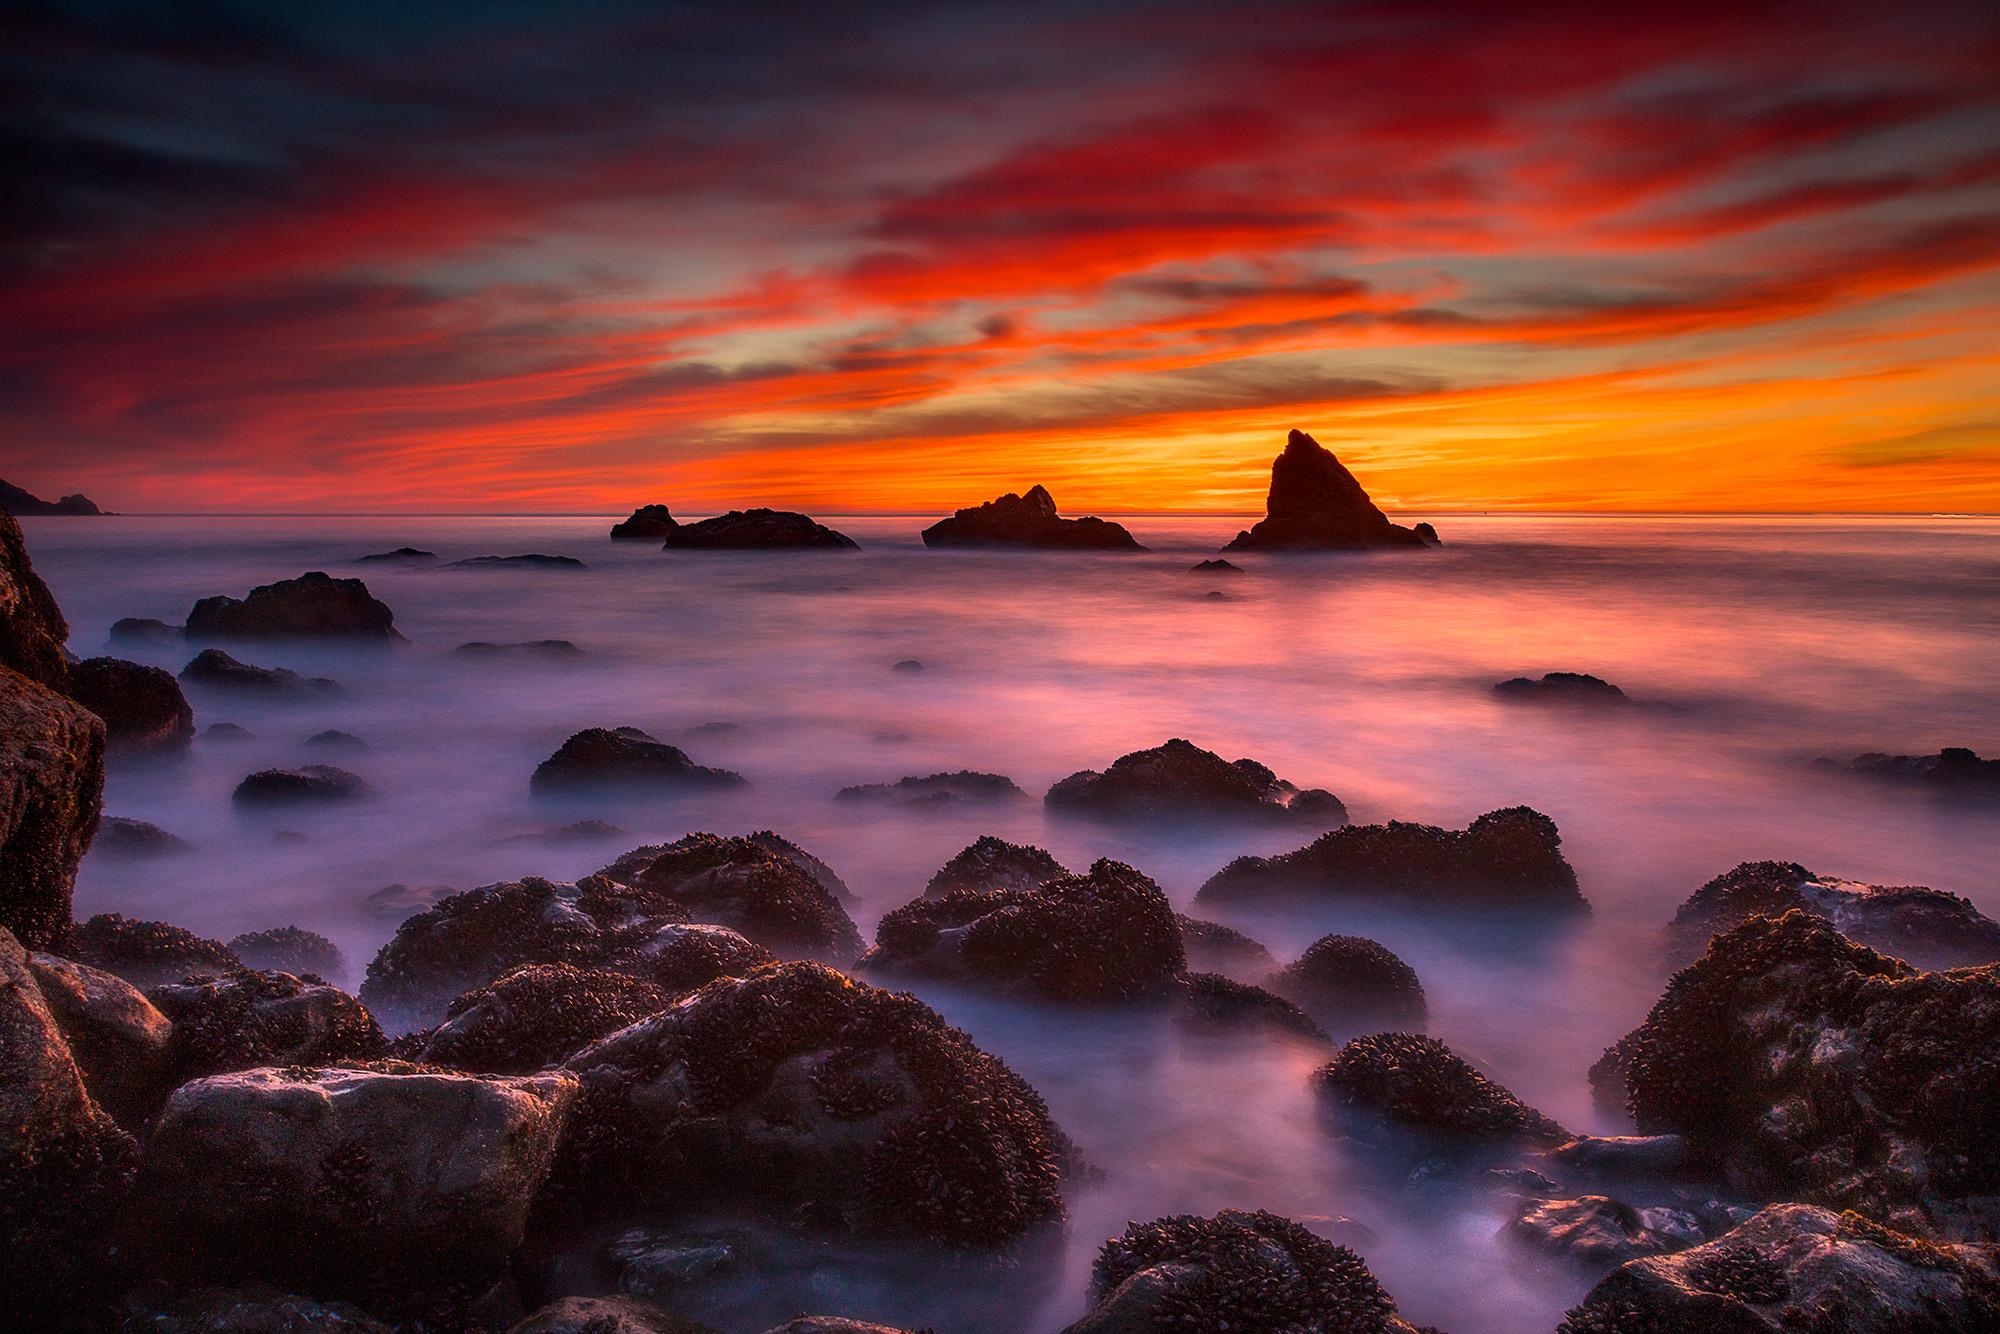 Oceans_Fire_joseph_dondelinger